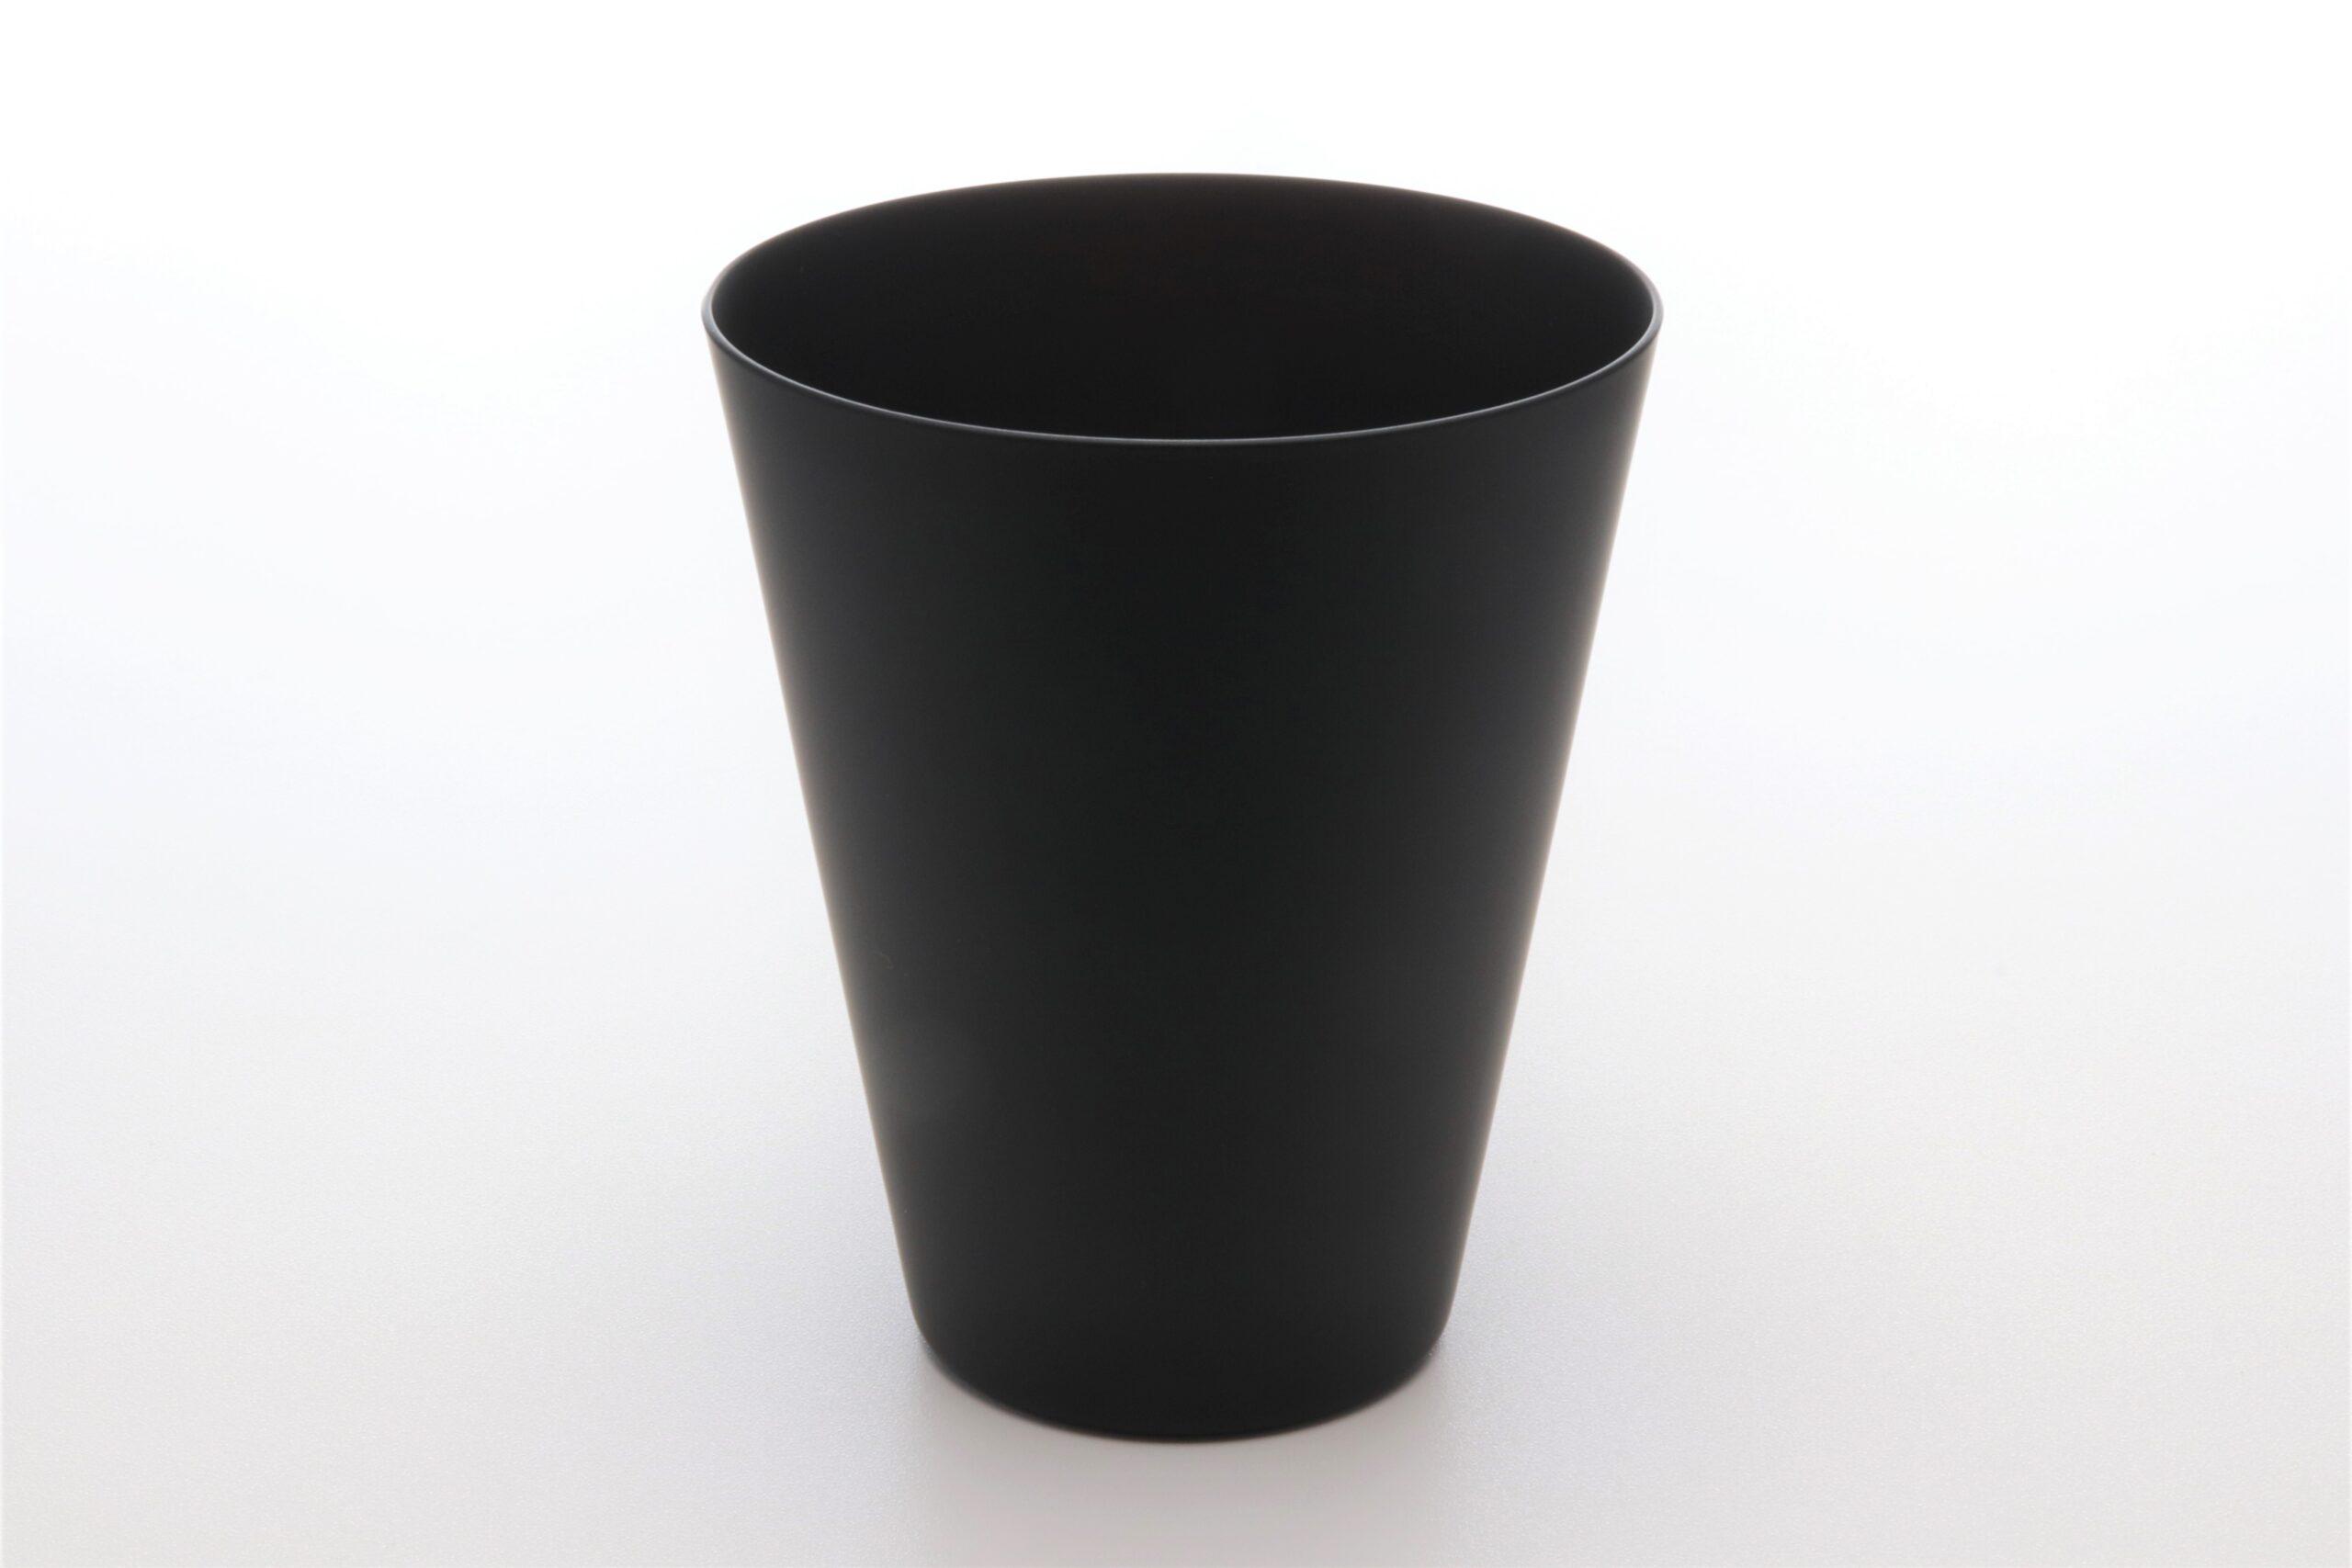 ブラックアンドホワイト<br /> タンブラーL(黒マット)